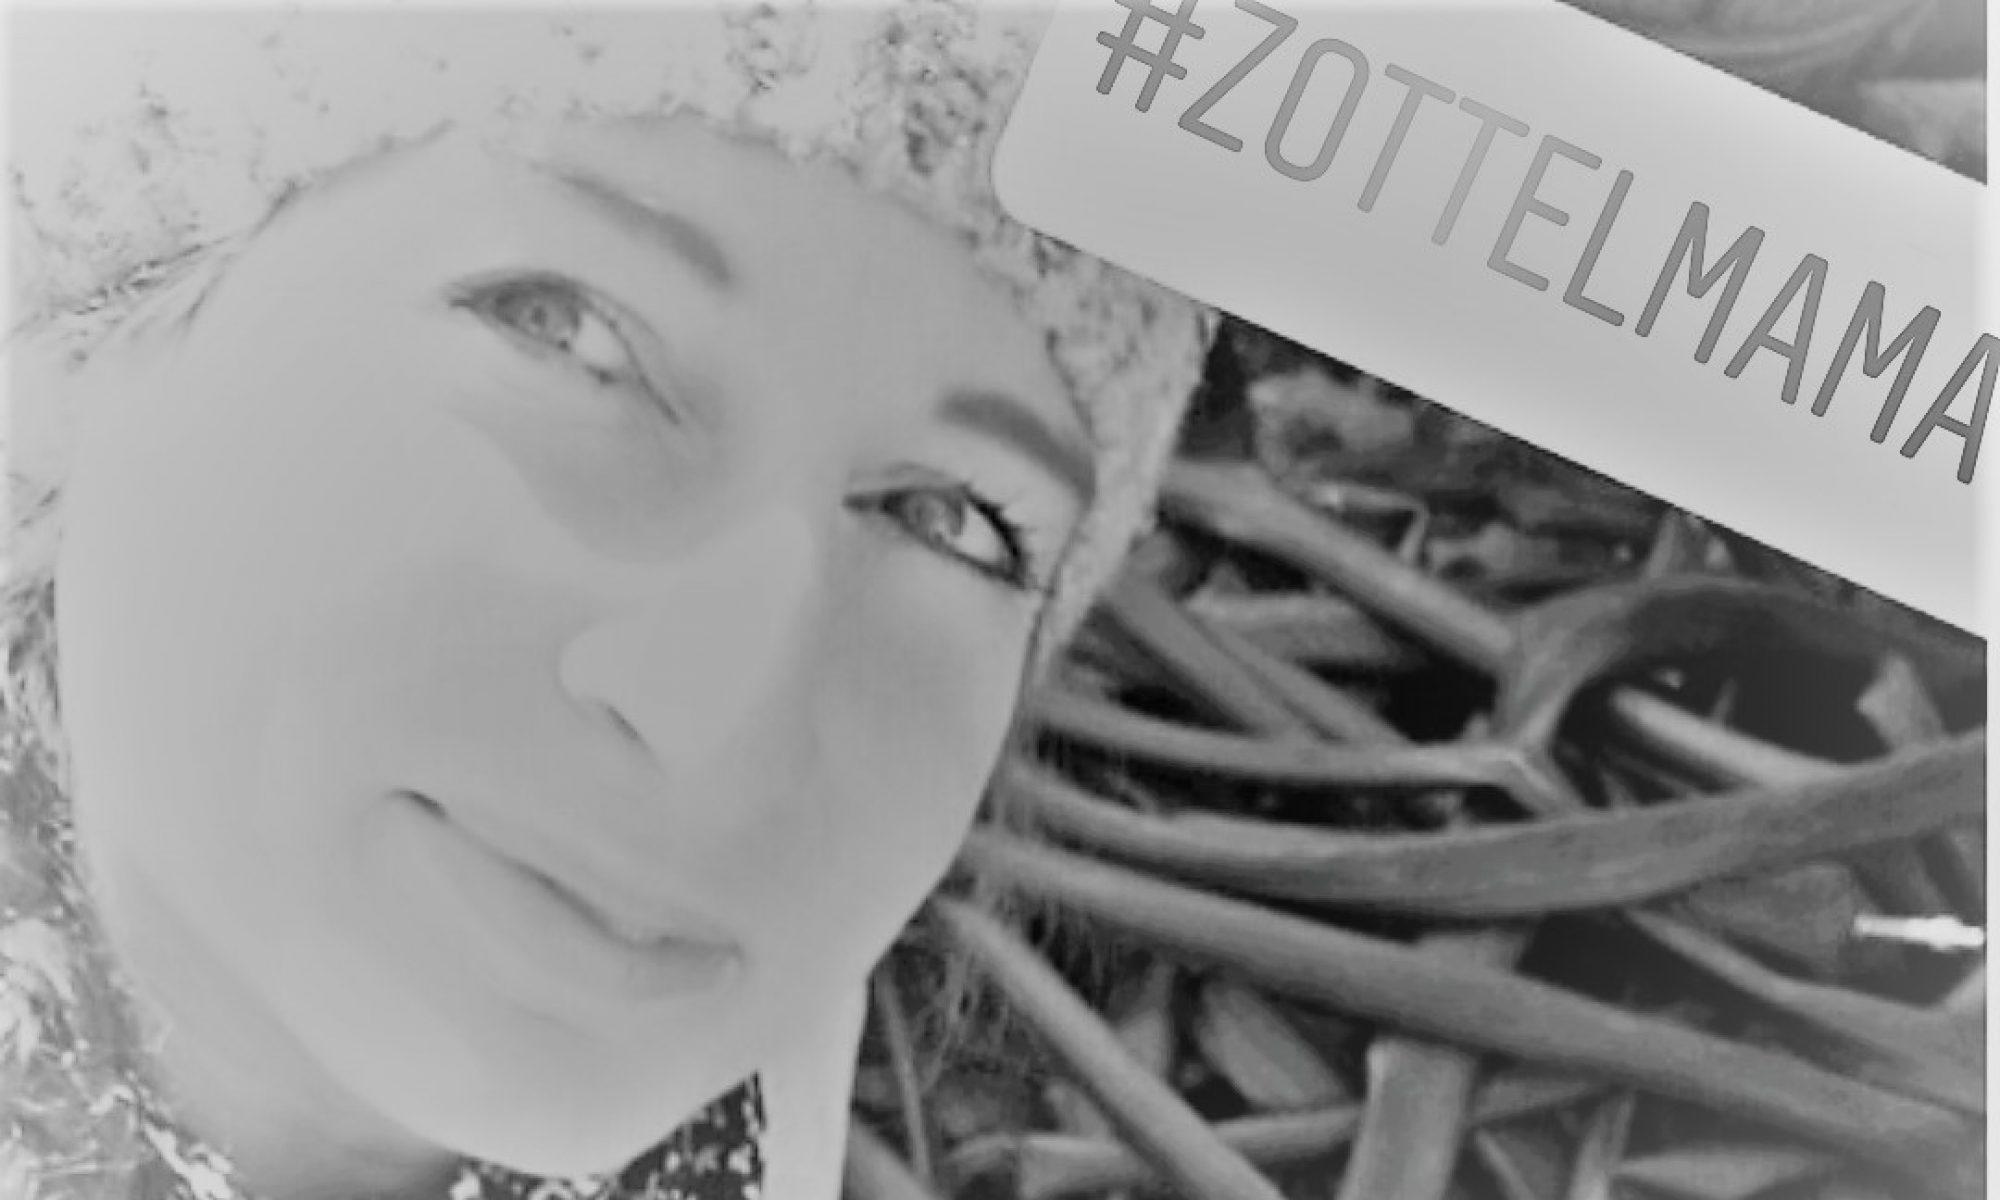 zottelmama Jana Zähl